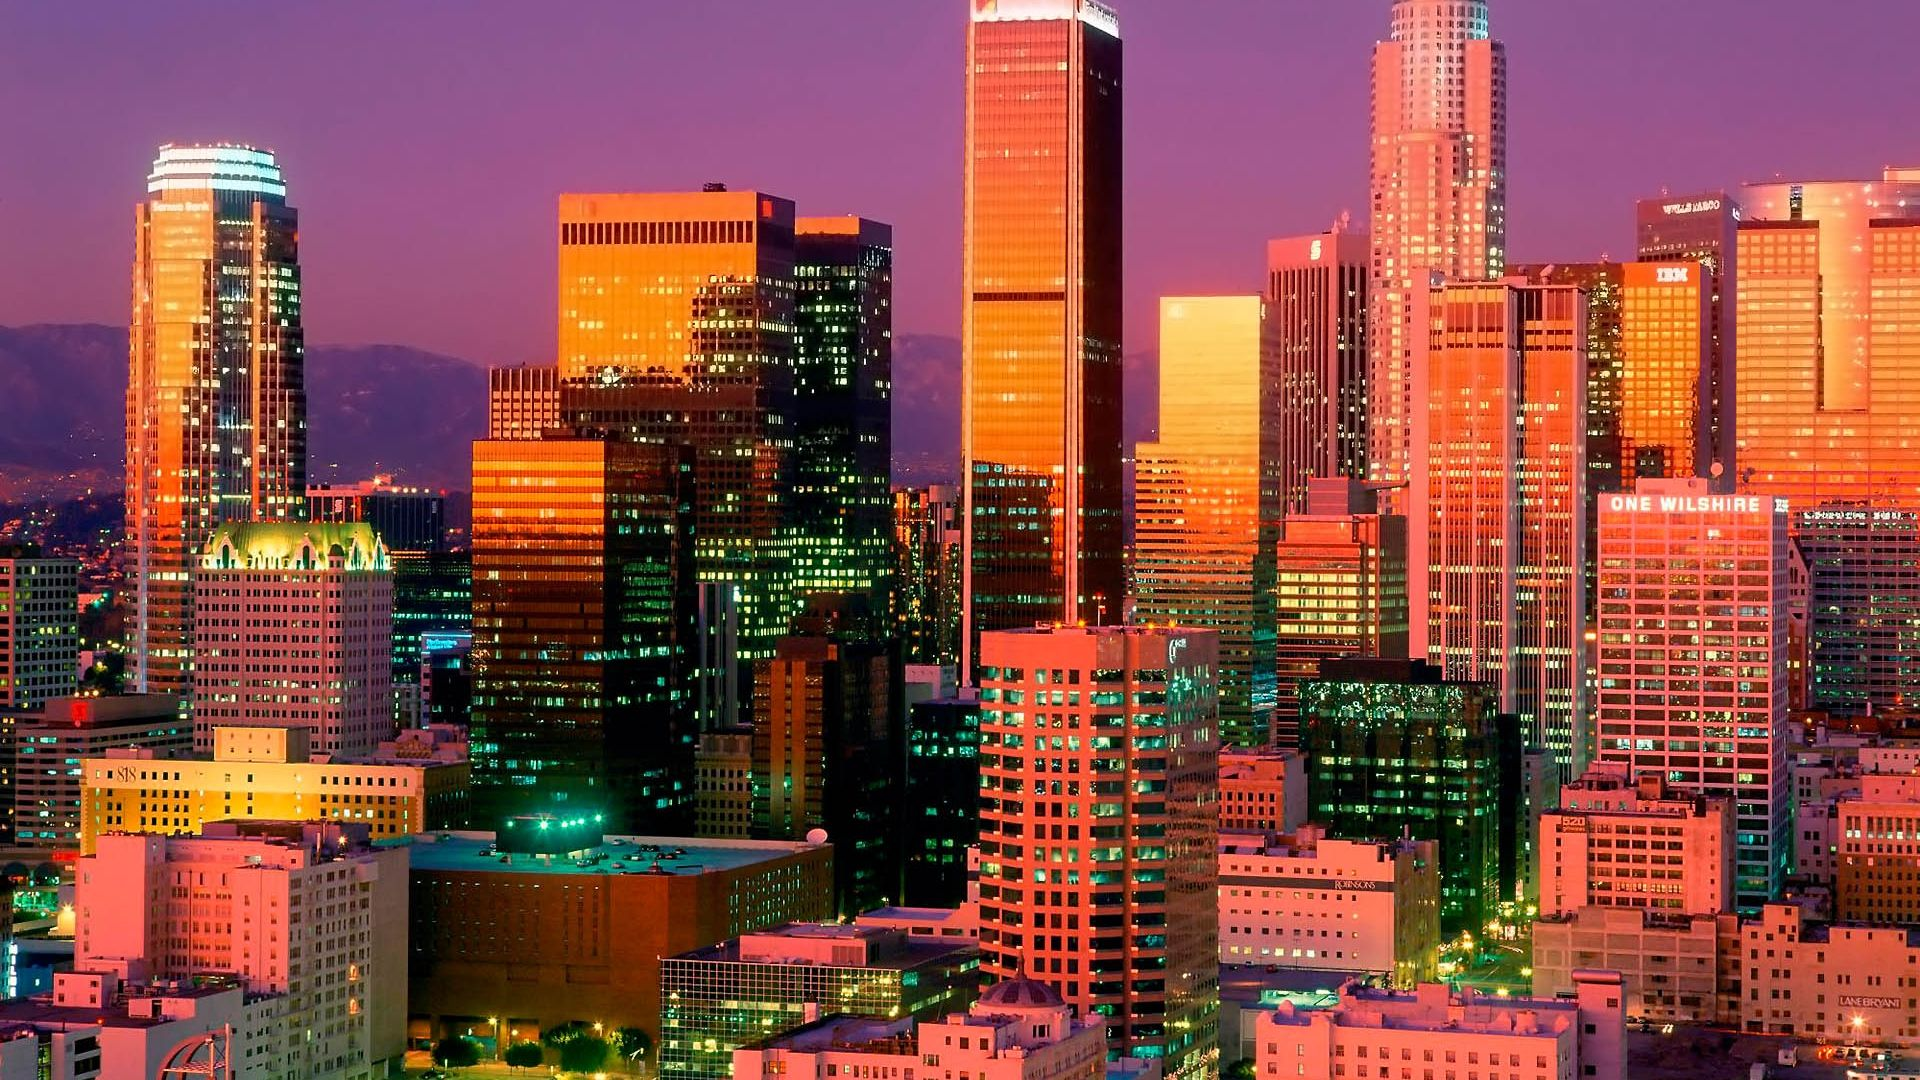 Los Angeles 1080p